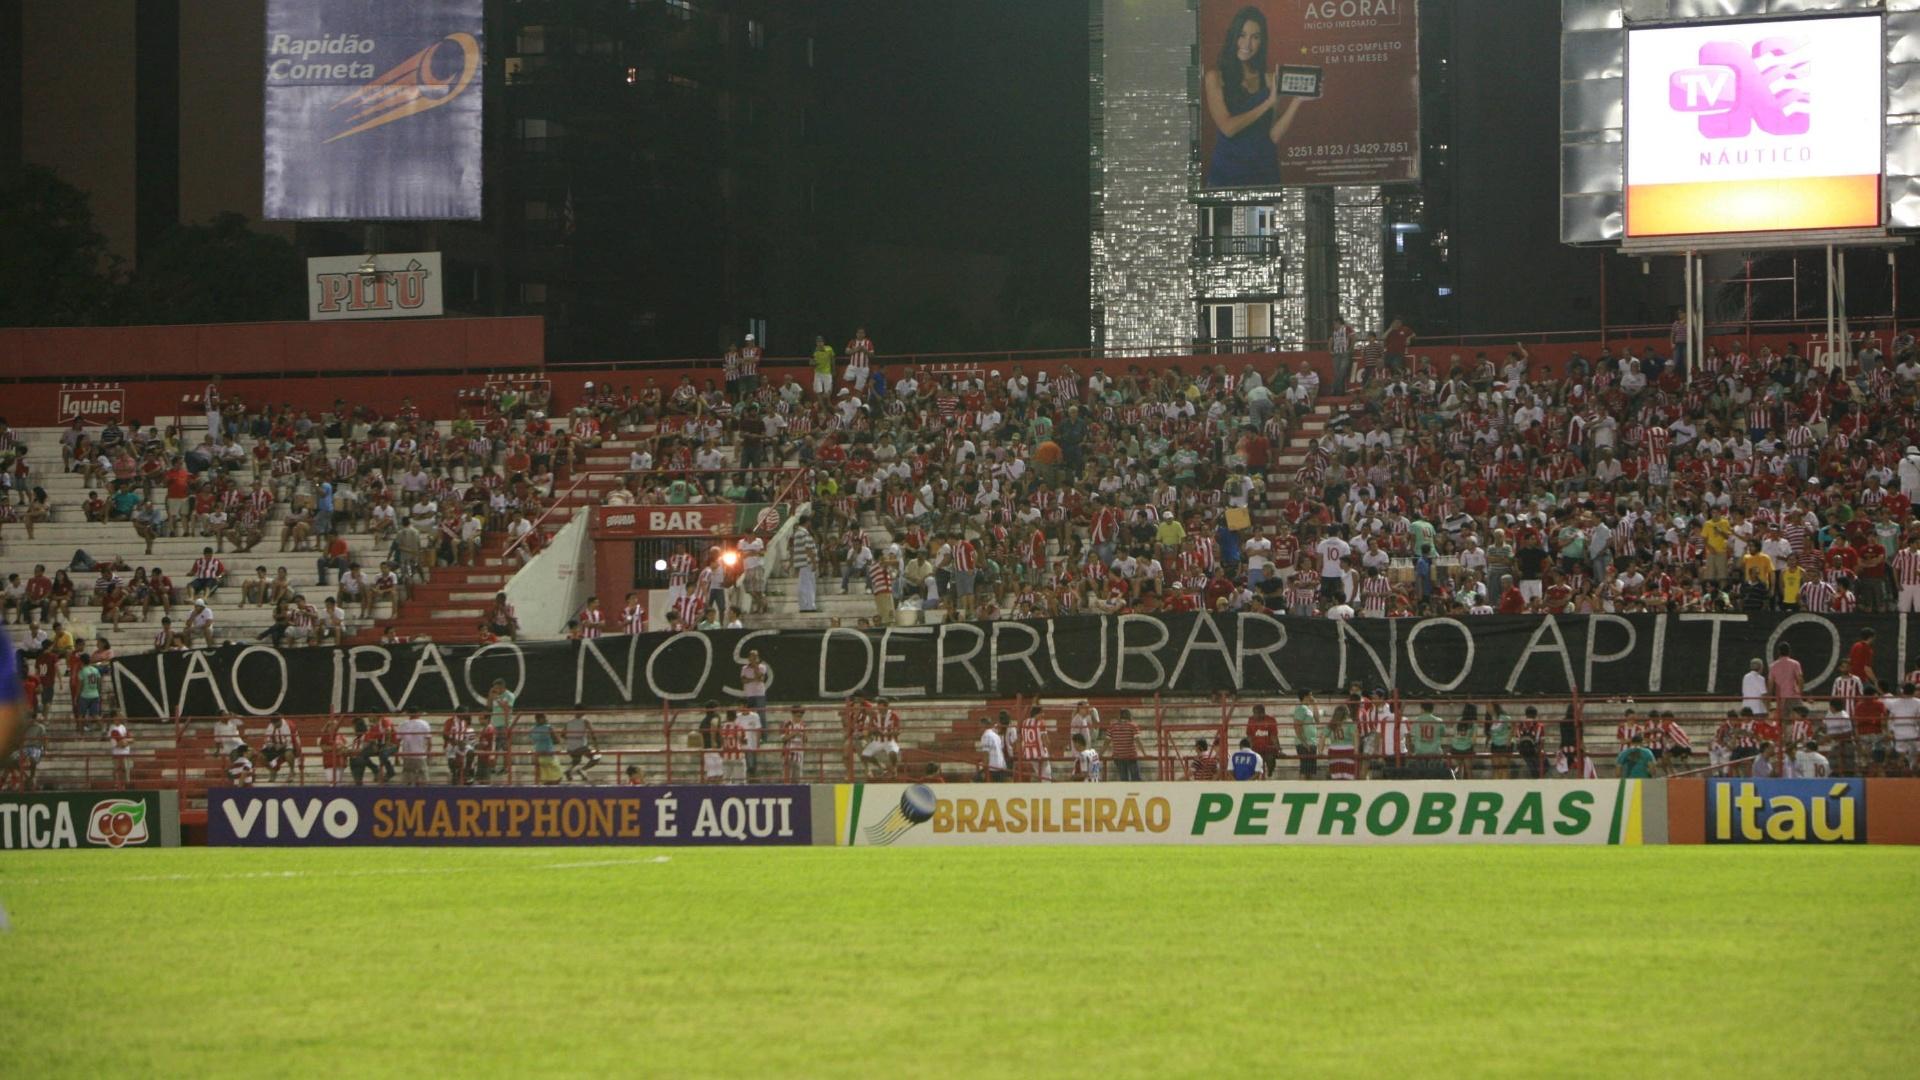 Torcida do Náutico leva faixa de protesto aos Aflitos e provoca atraso no início da partida contra o Atlético-GO